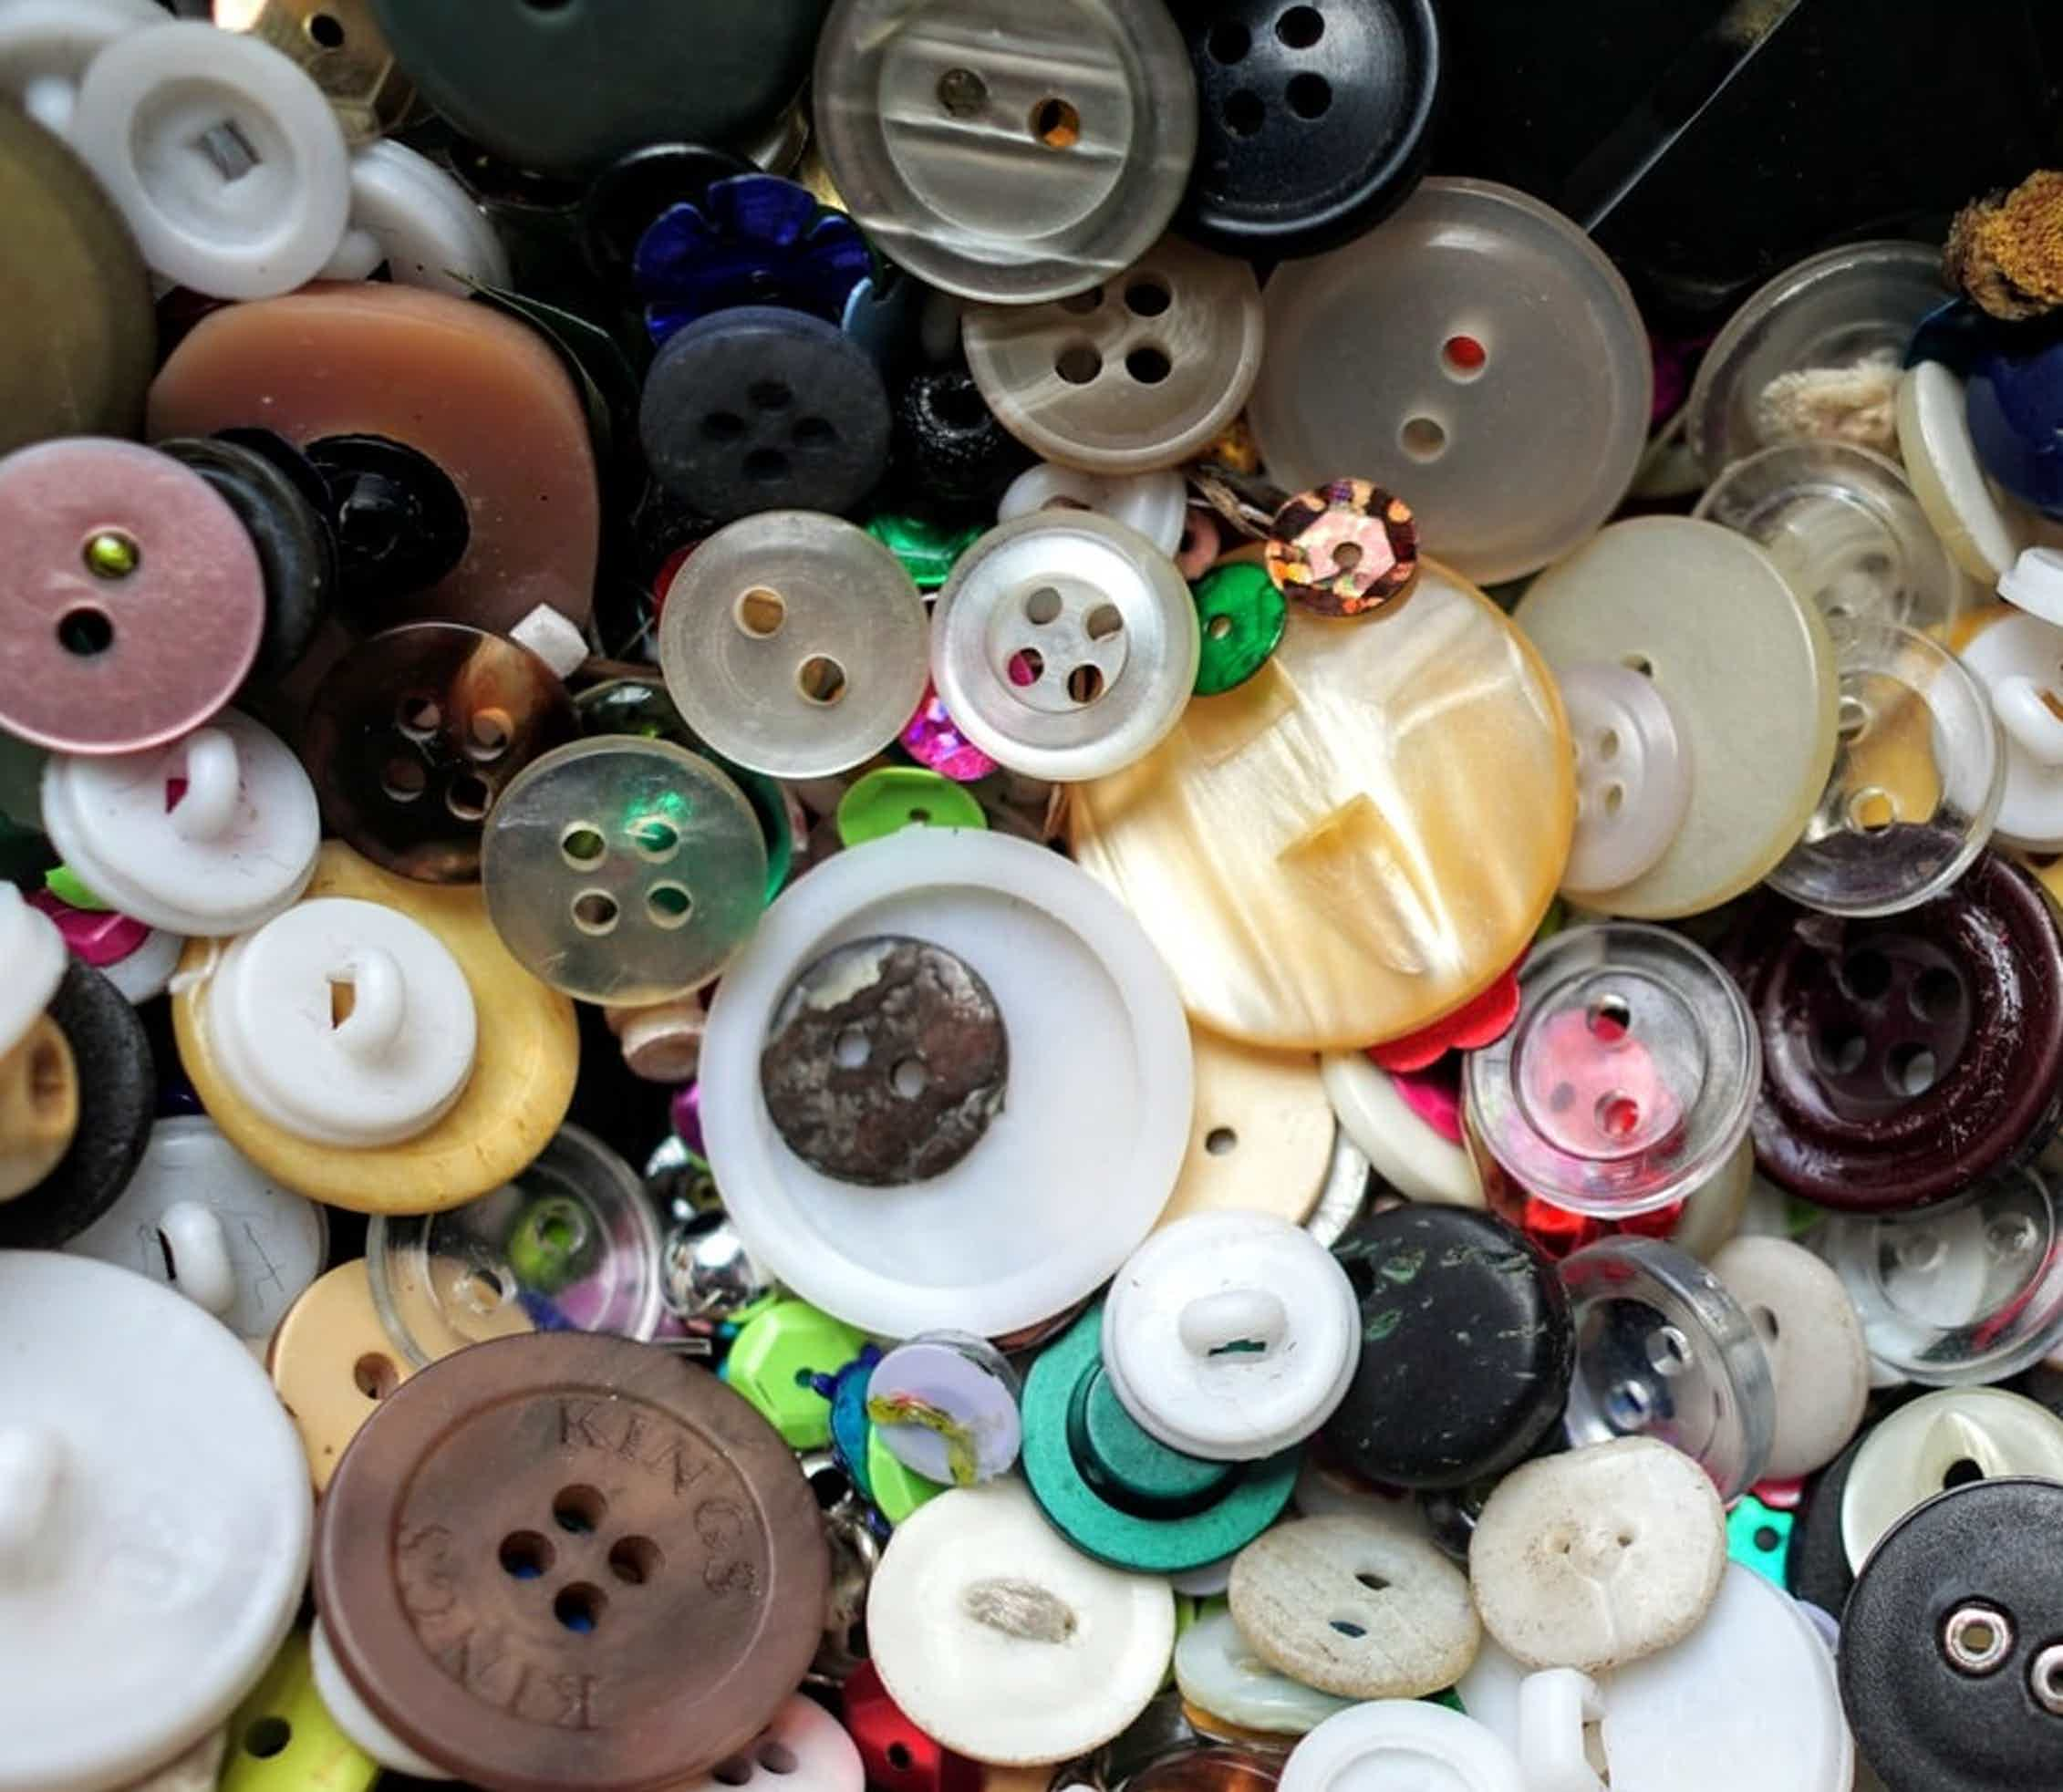 An assortment of buttons.